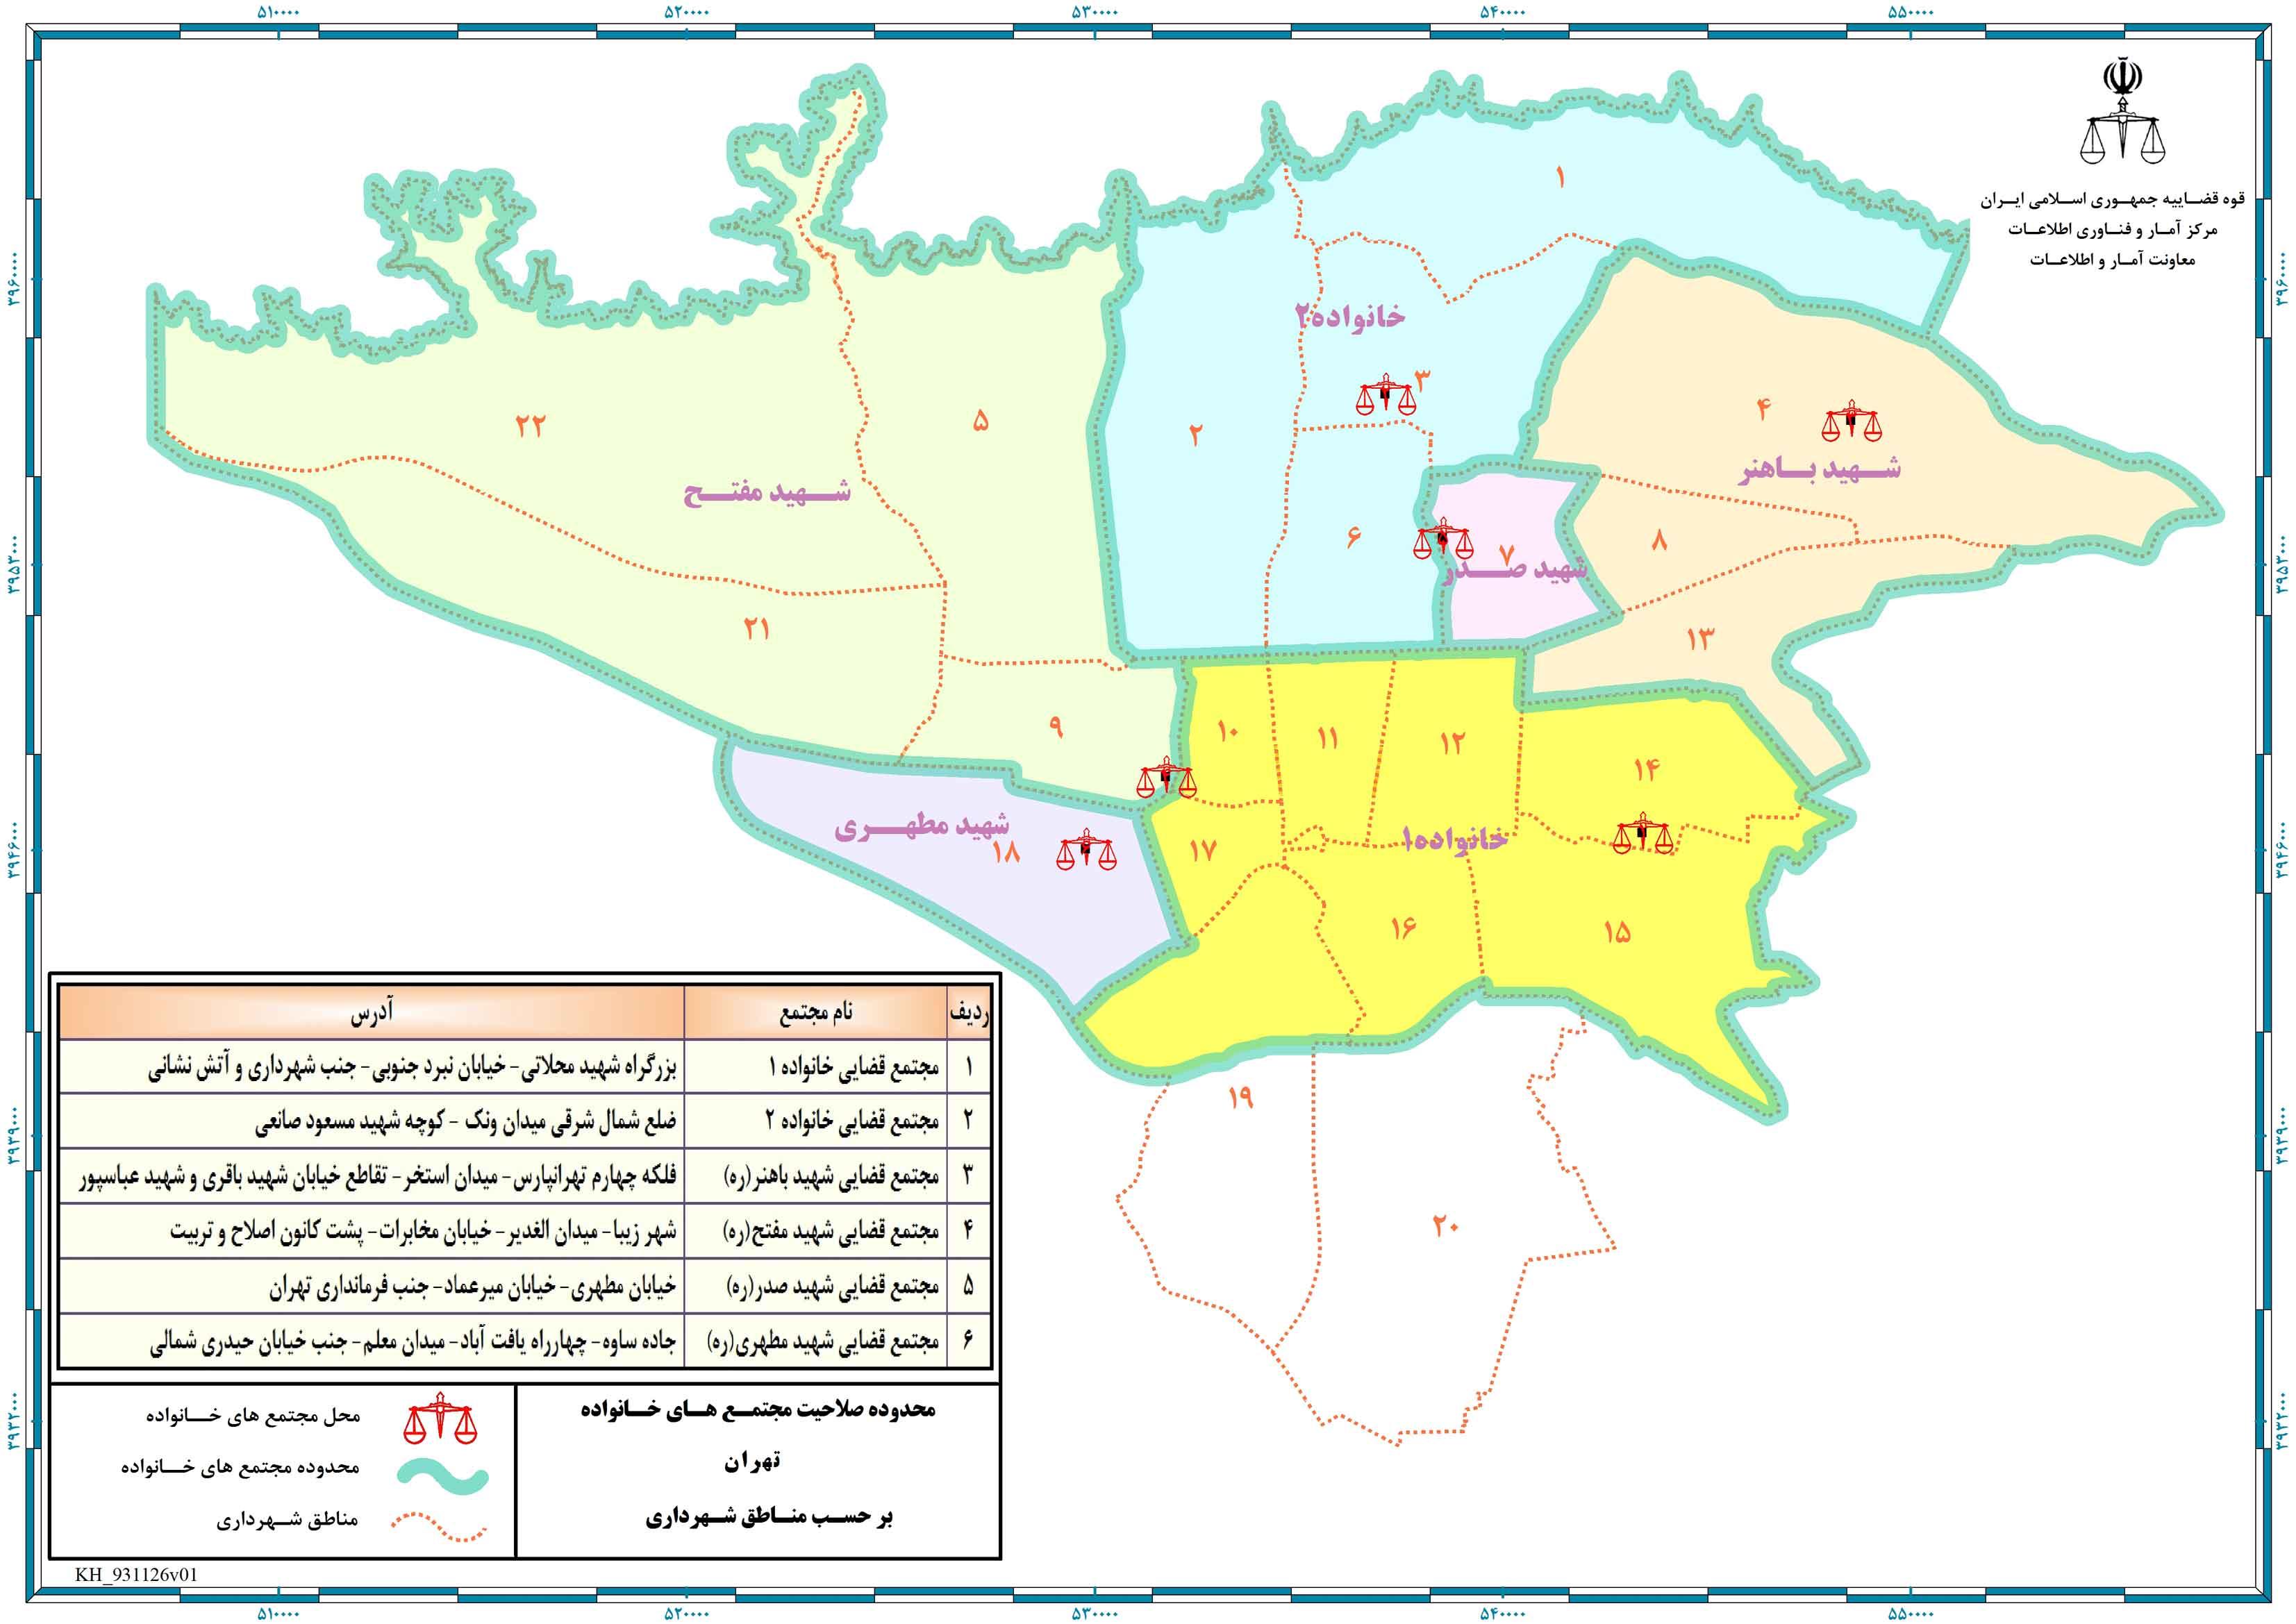 محدوده صلاحیت مجتمع های خانواده شهر تهران